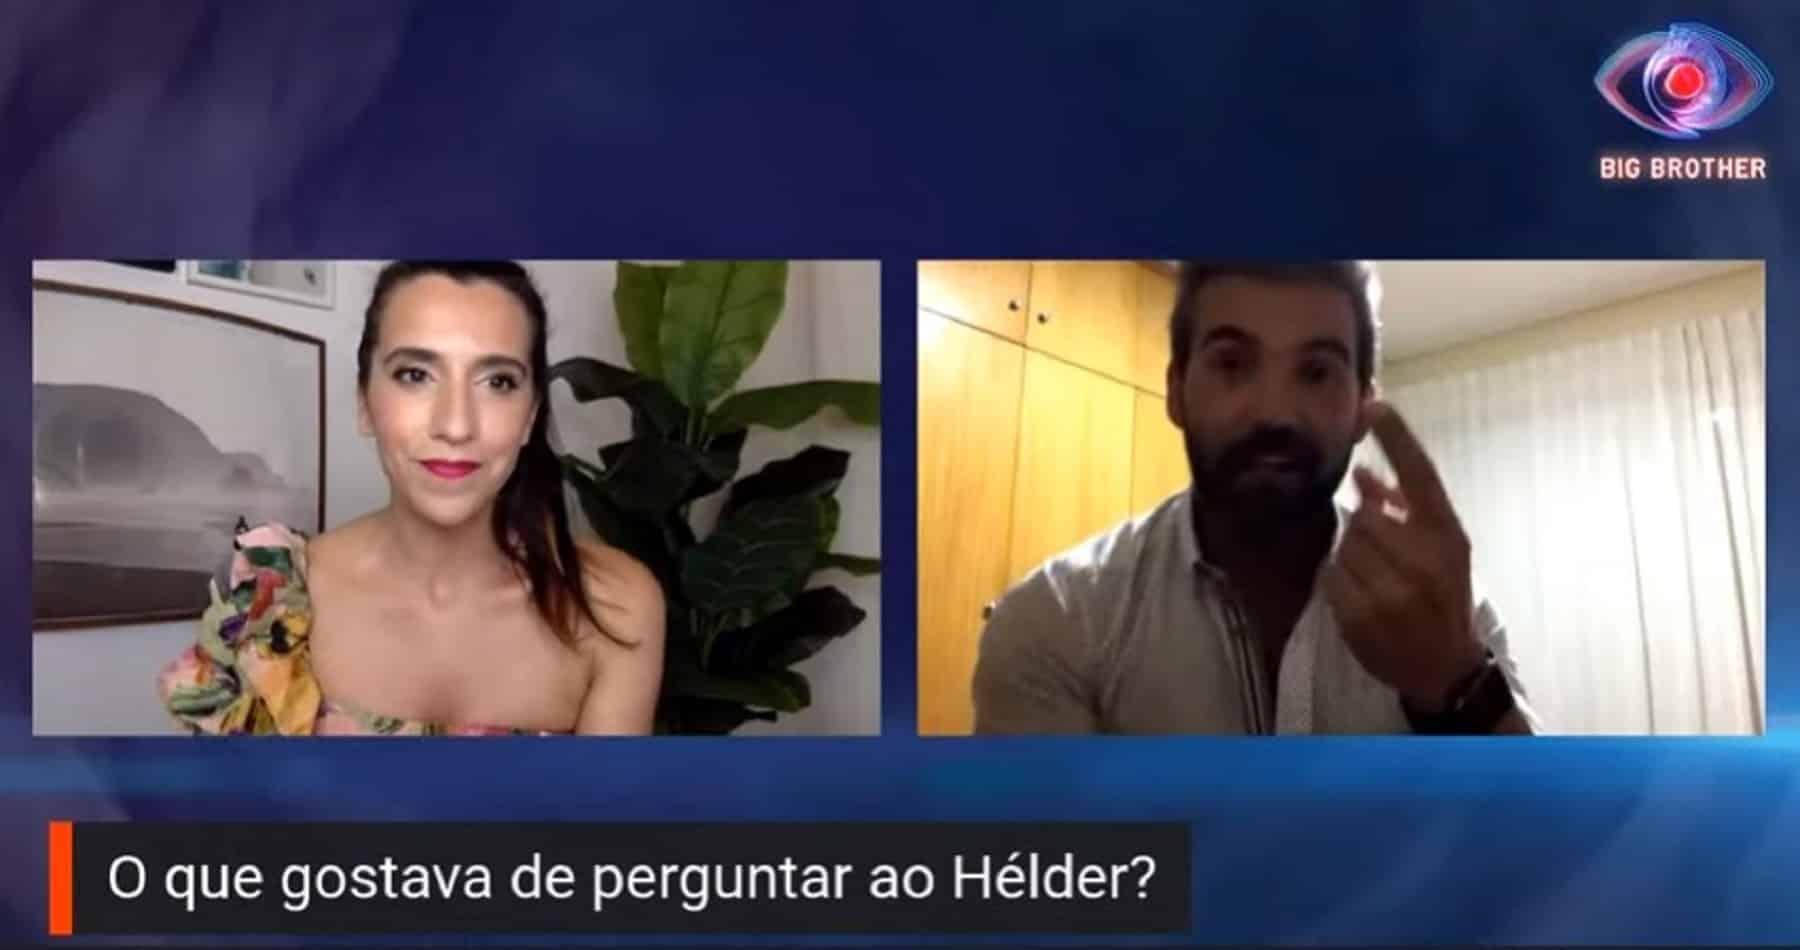 Helder-Big-Brother-3